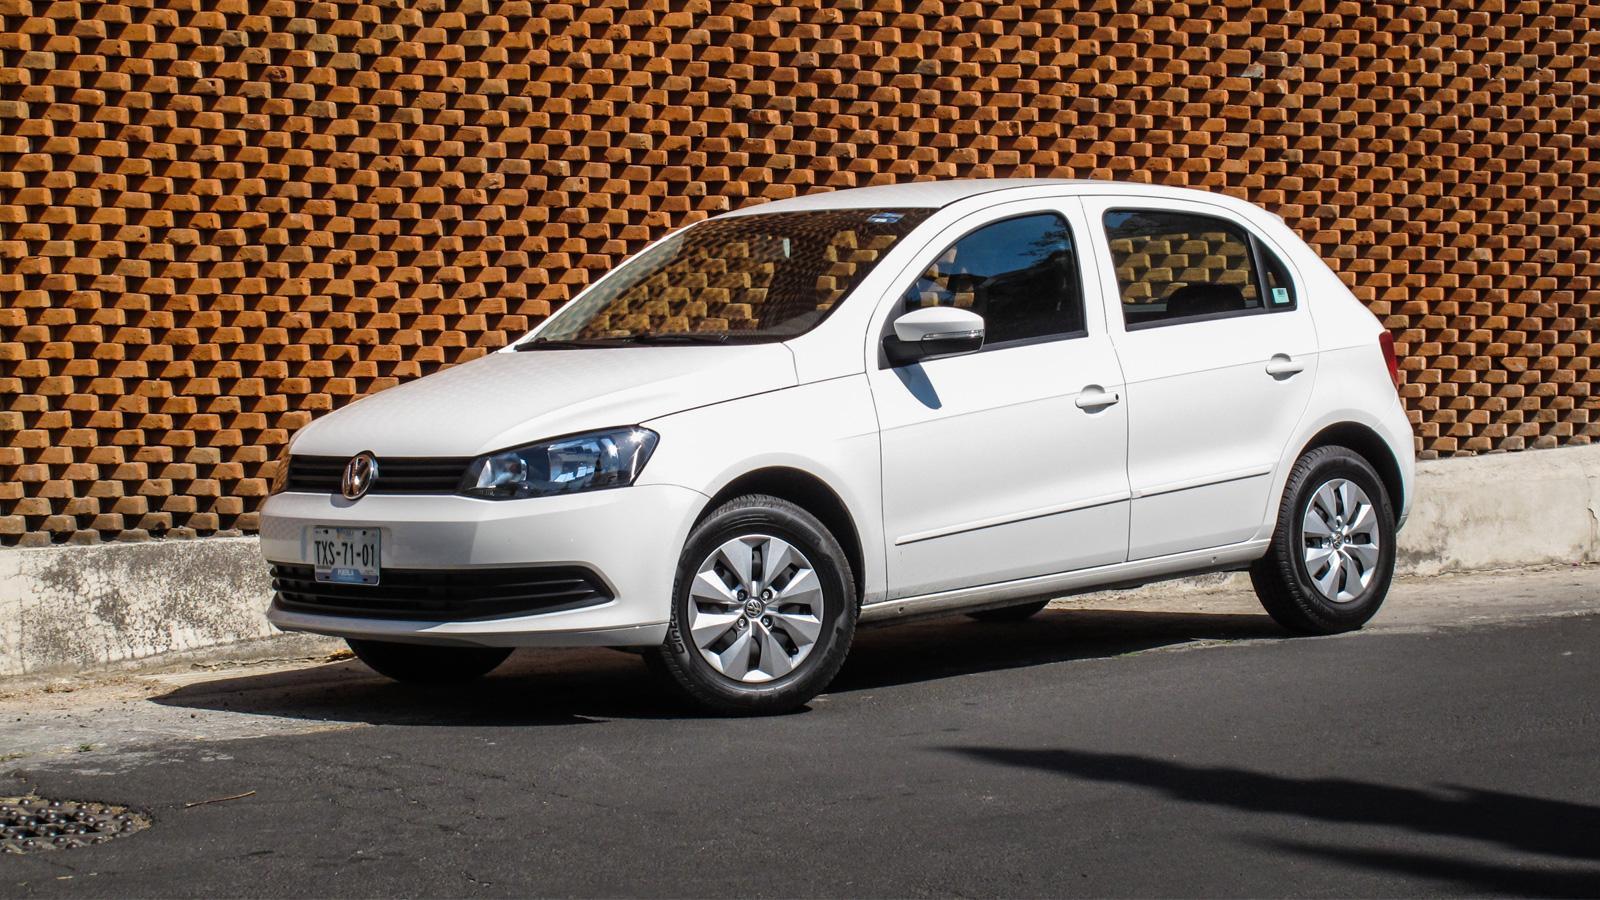 Volkswagen Nuevo Gol 2013 a prueba - Autocosmos.com